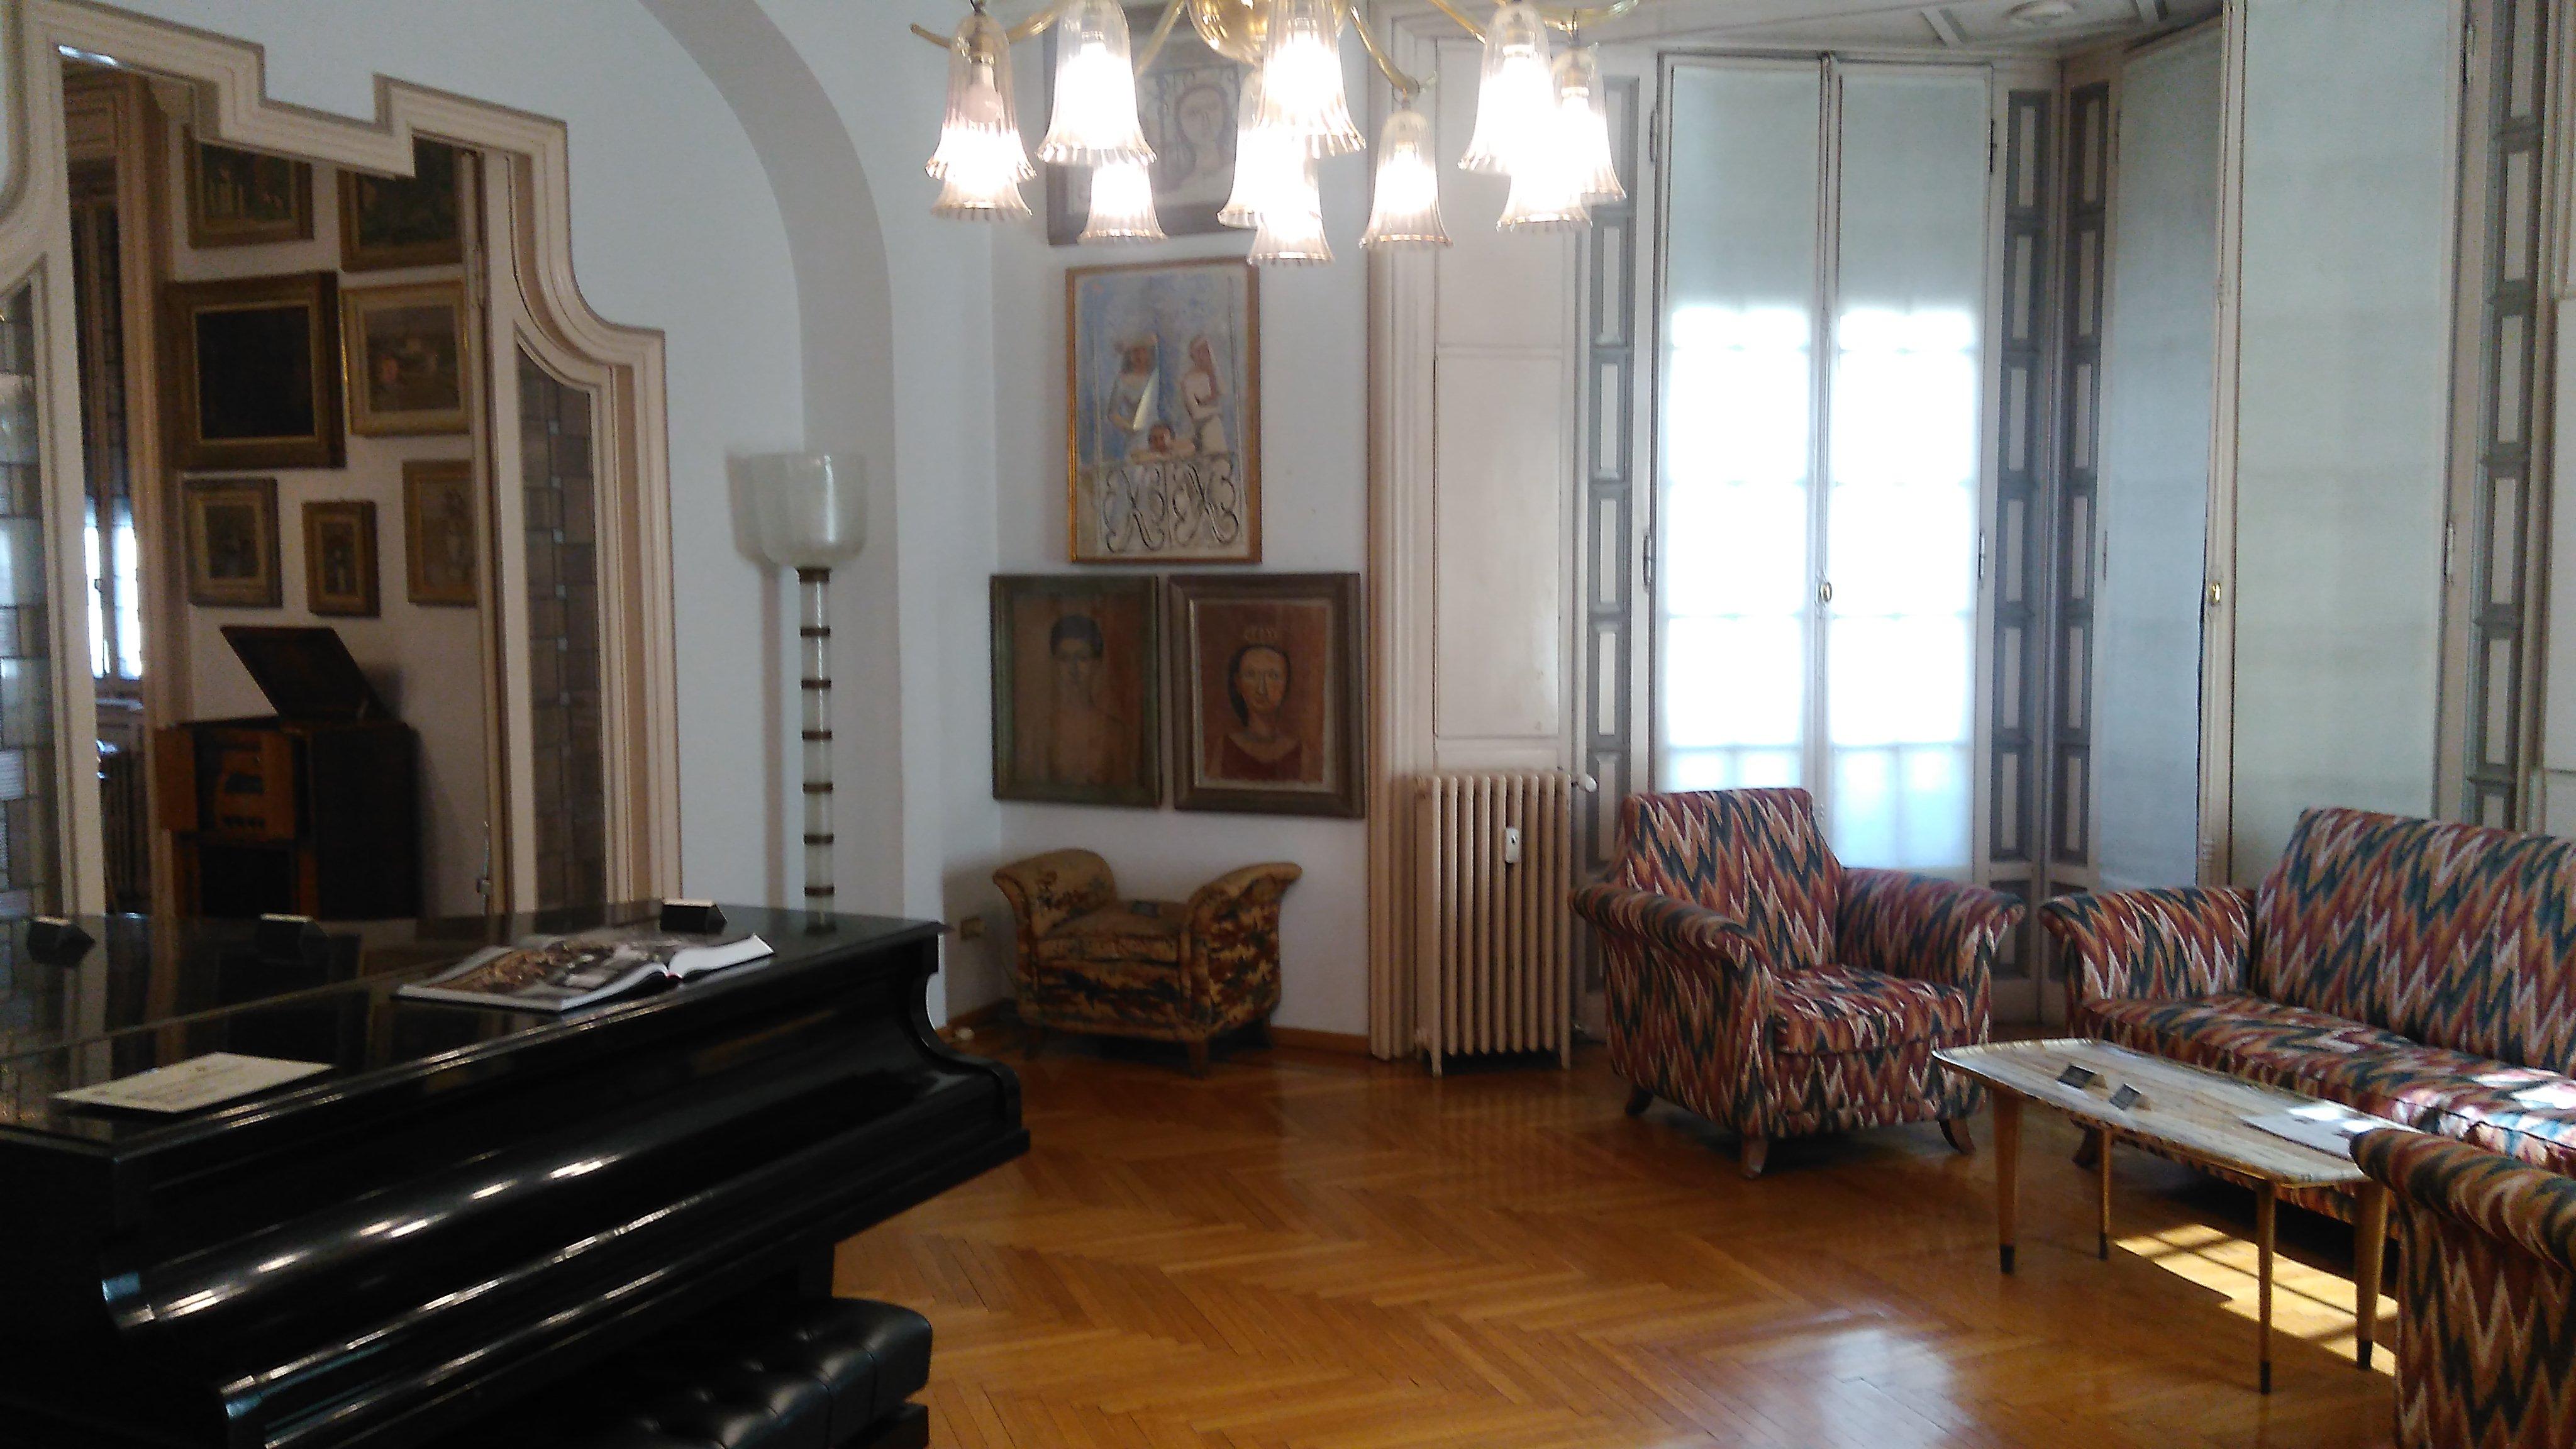 Casa Museo Boschi Di Stefano.File Casa Museo Boschi Di Stefano Aperti Per Voi Touring 01 Jpg